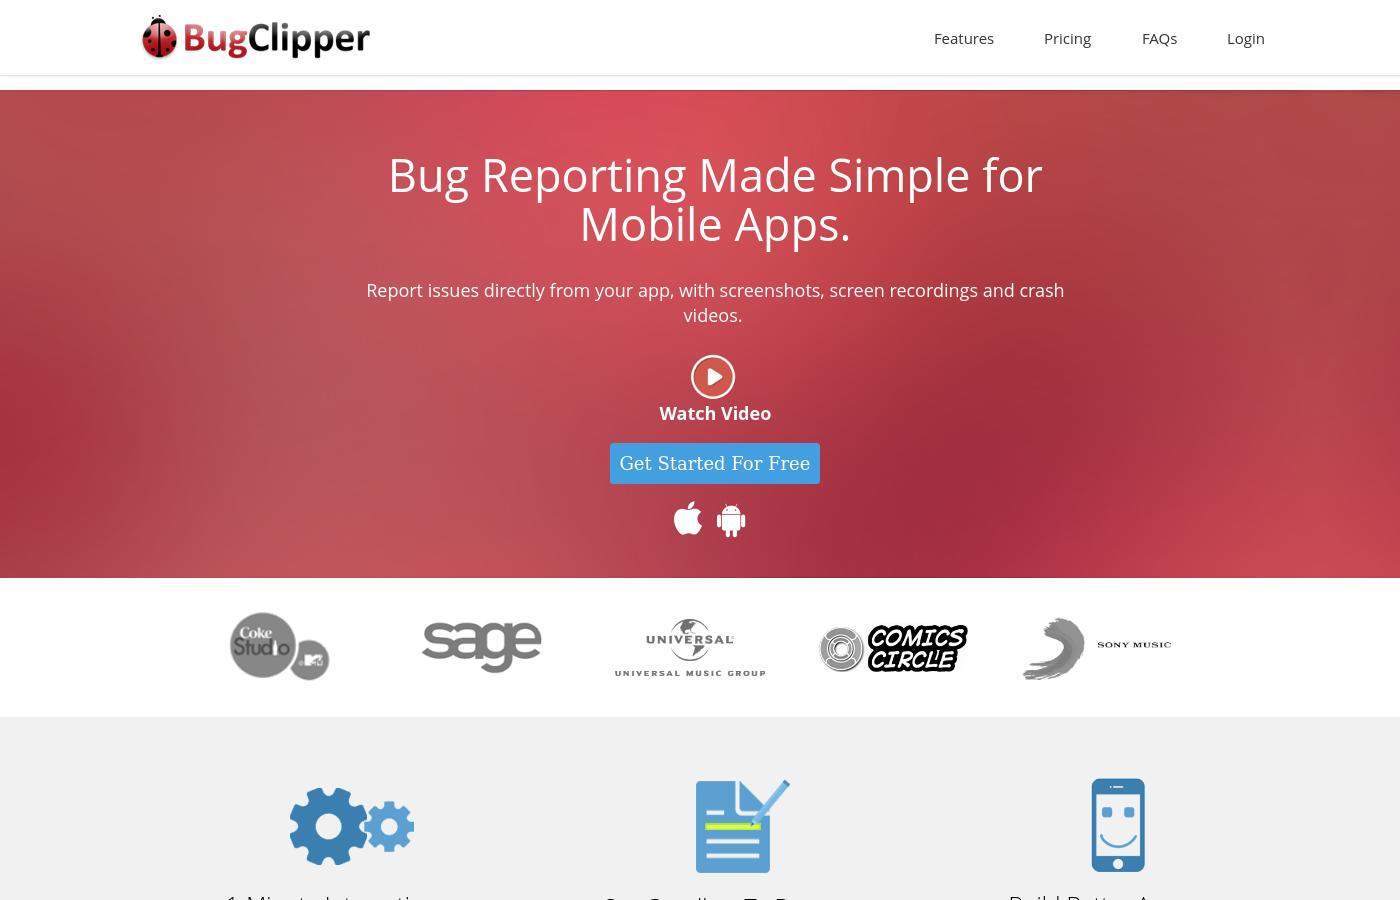 Bugclipper